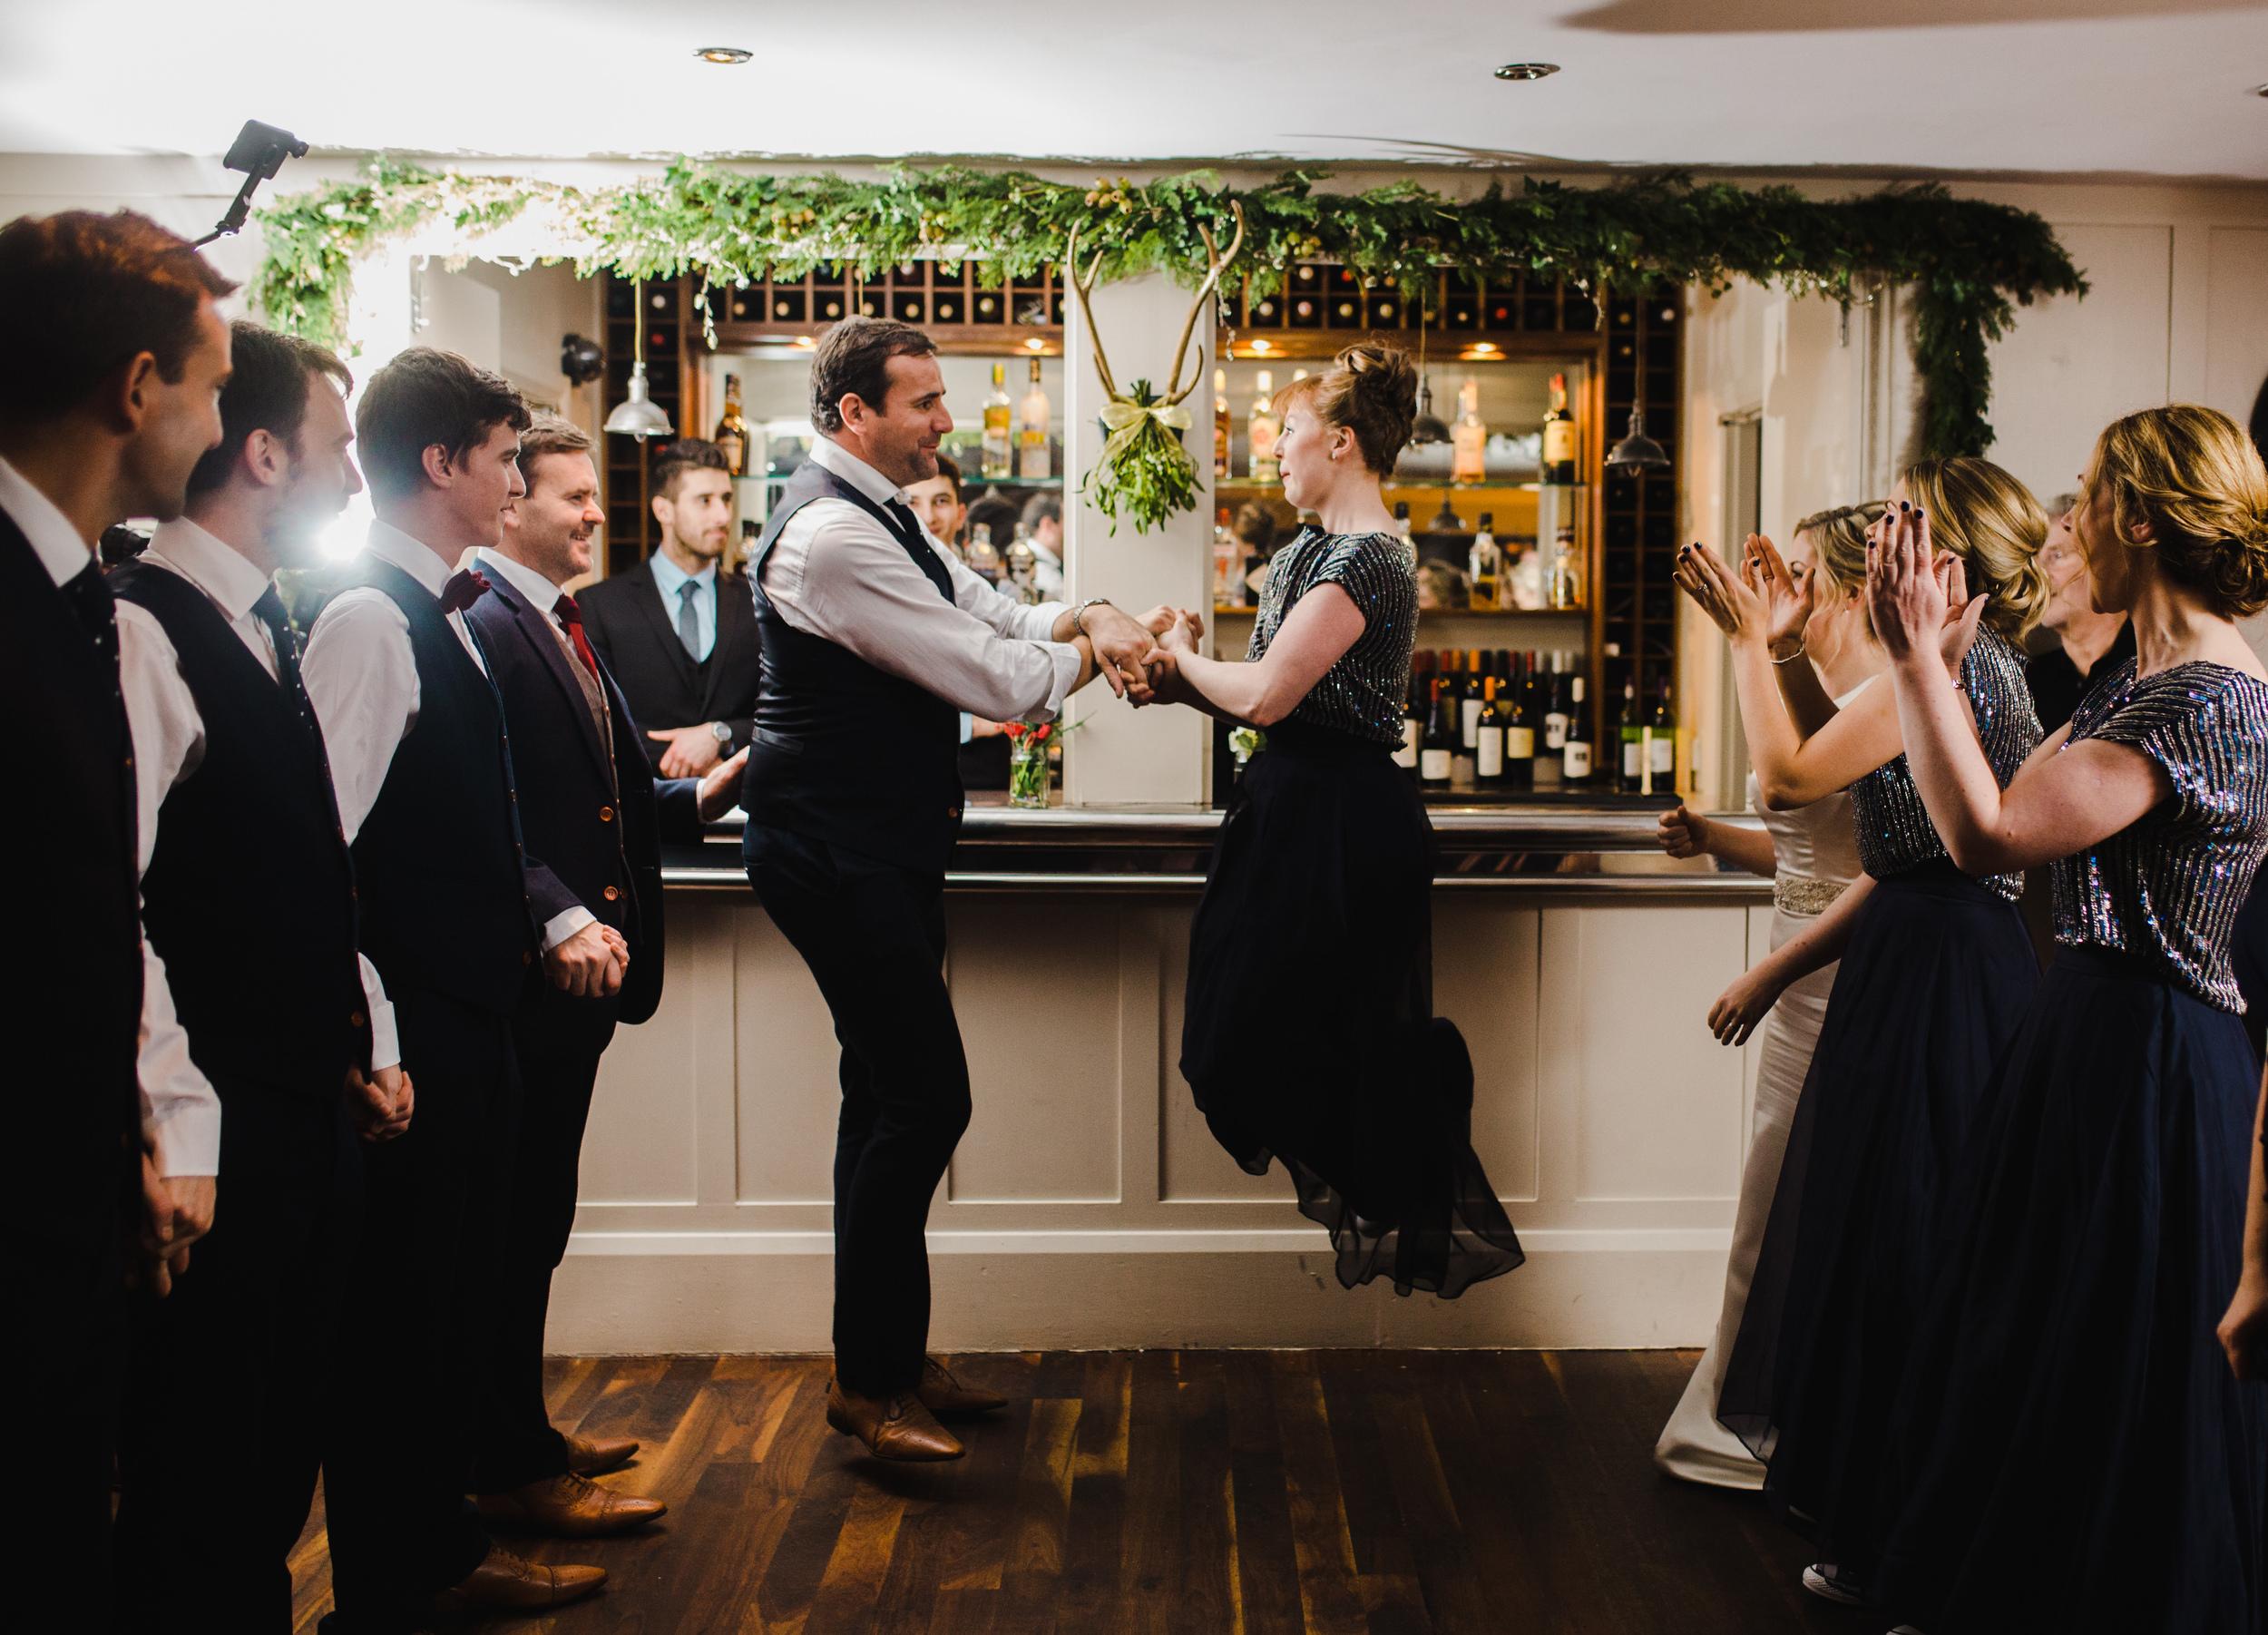 energetic wedding dancing - north west wedding photographer